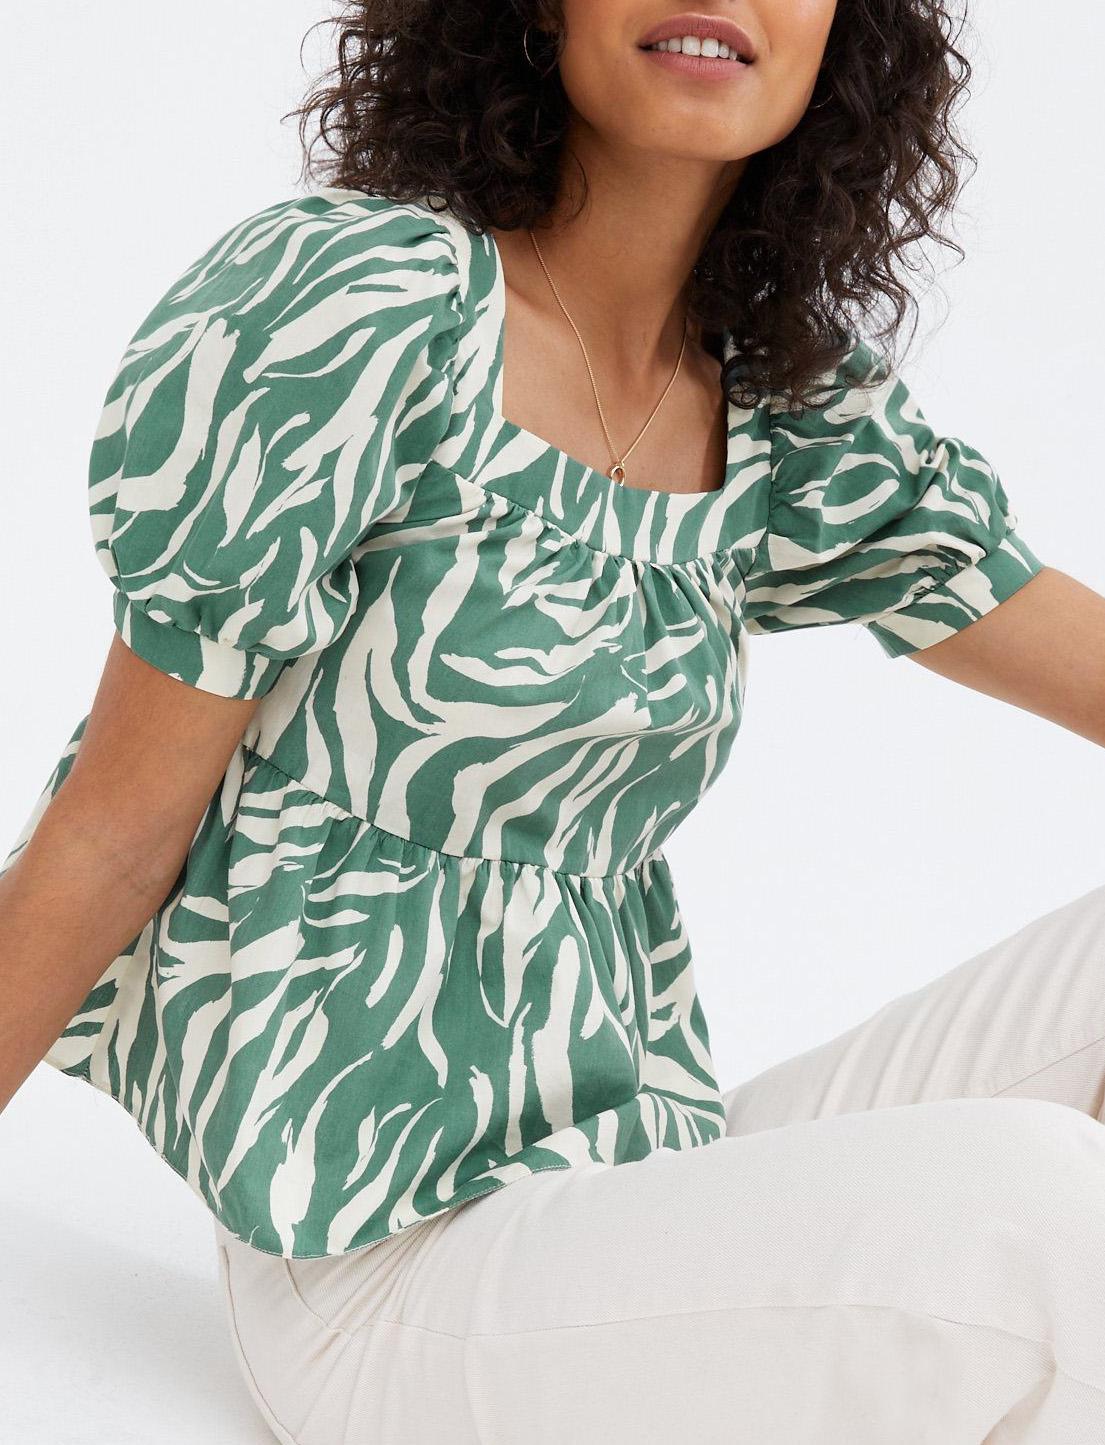 green zebra print top